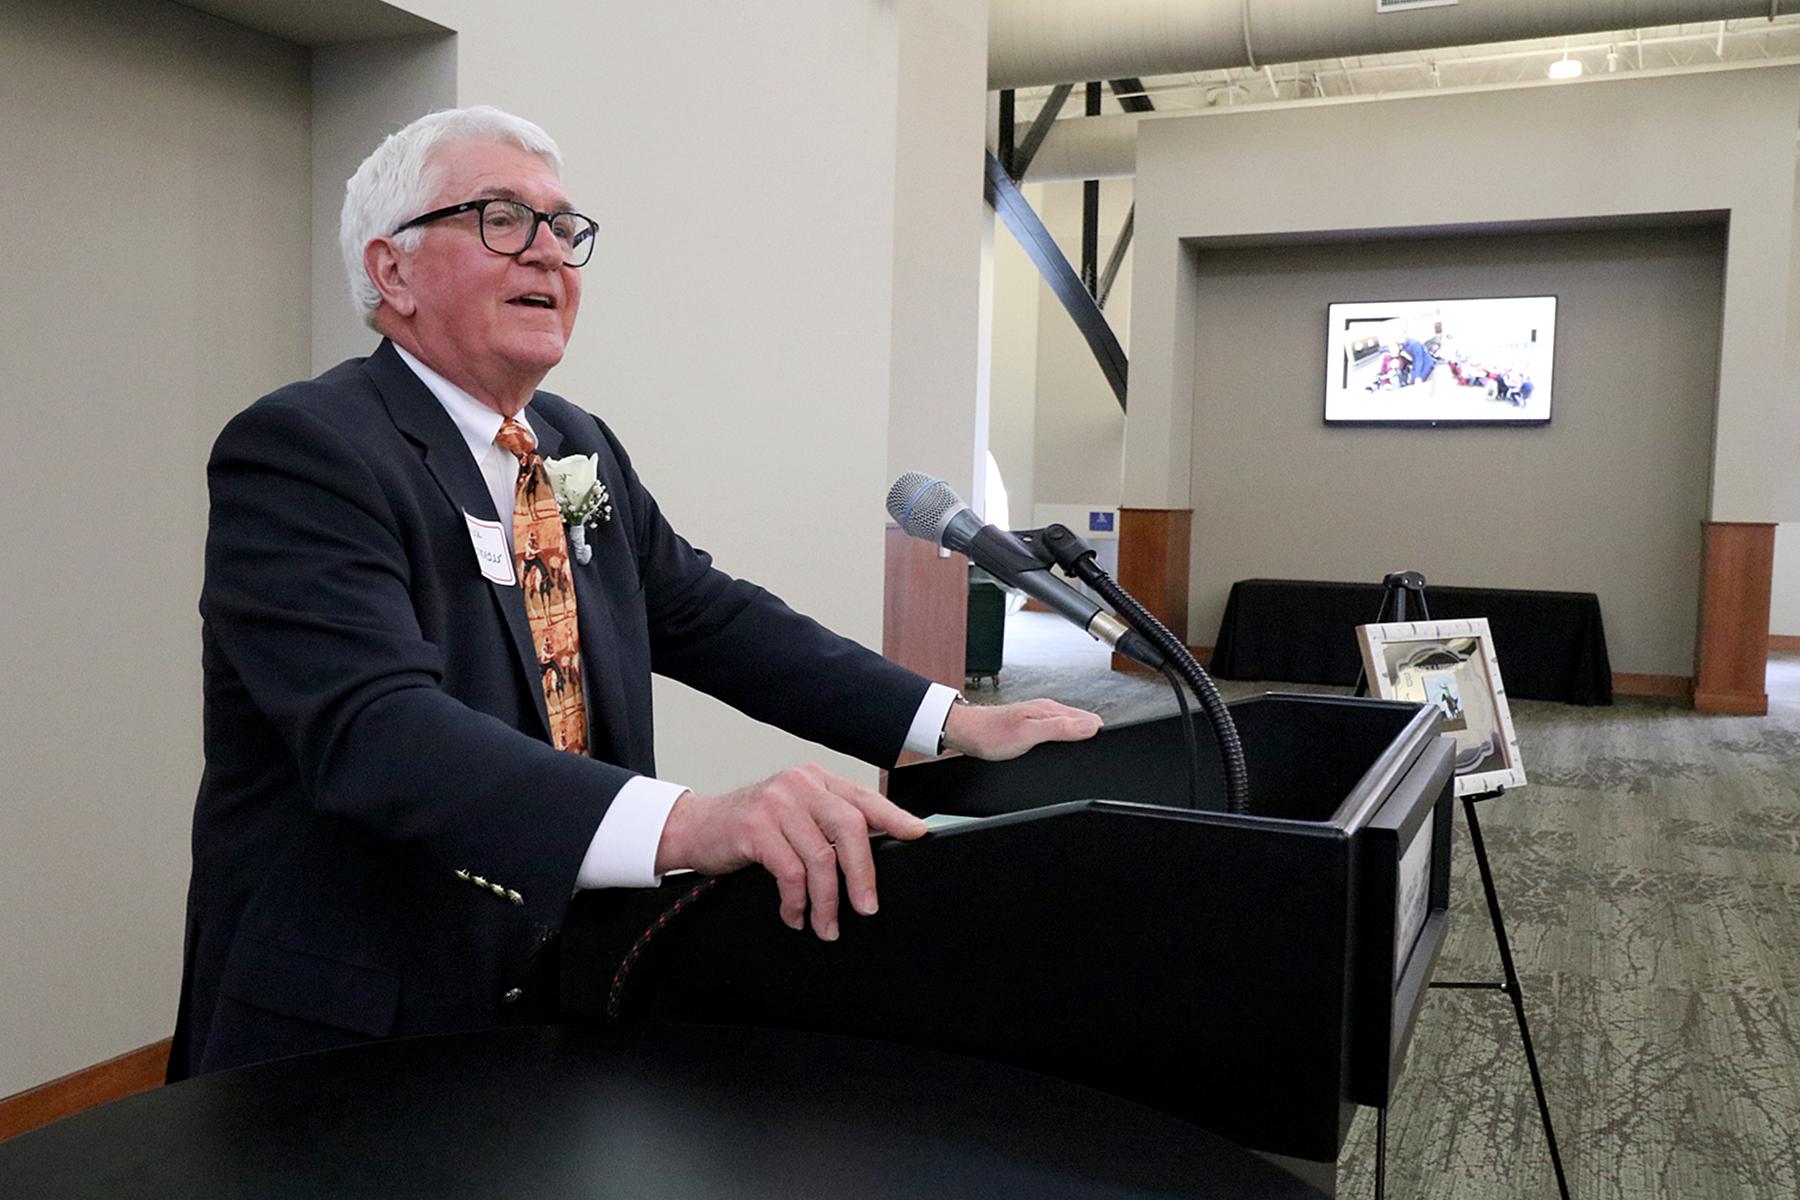 Chuck Schroeder speaks at the podium